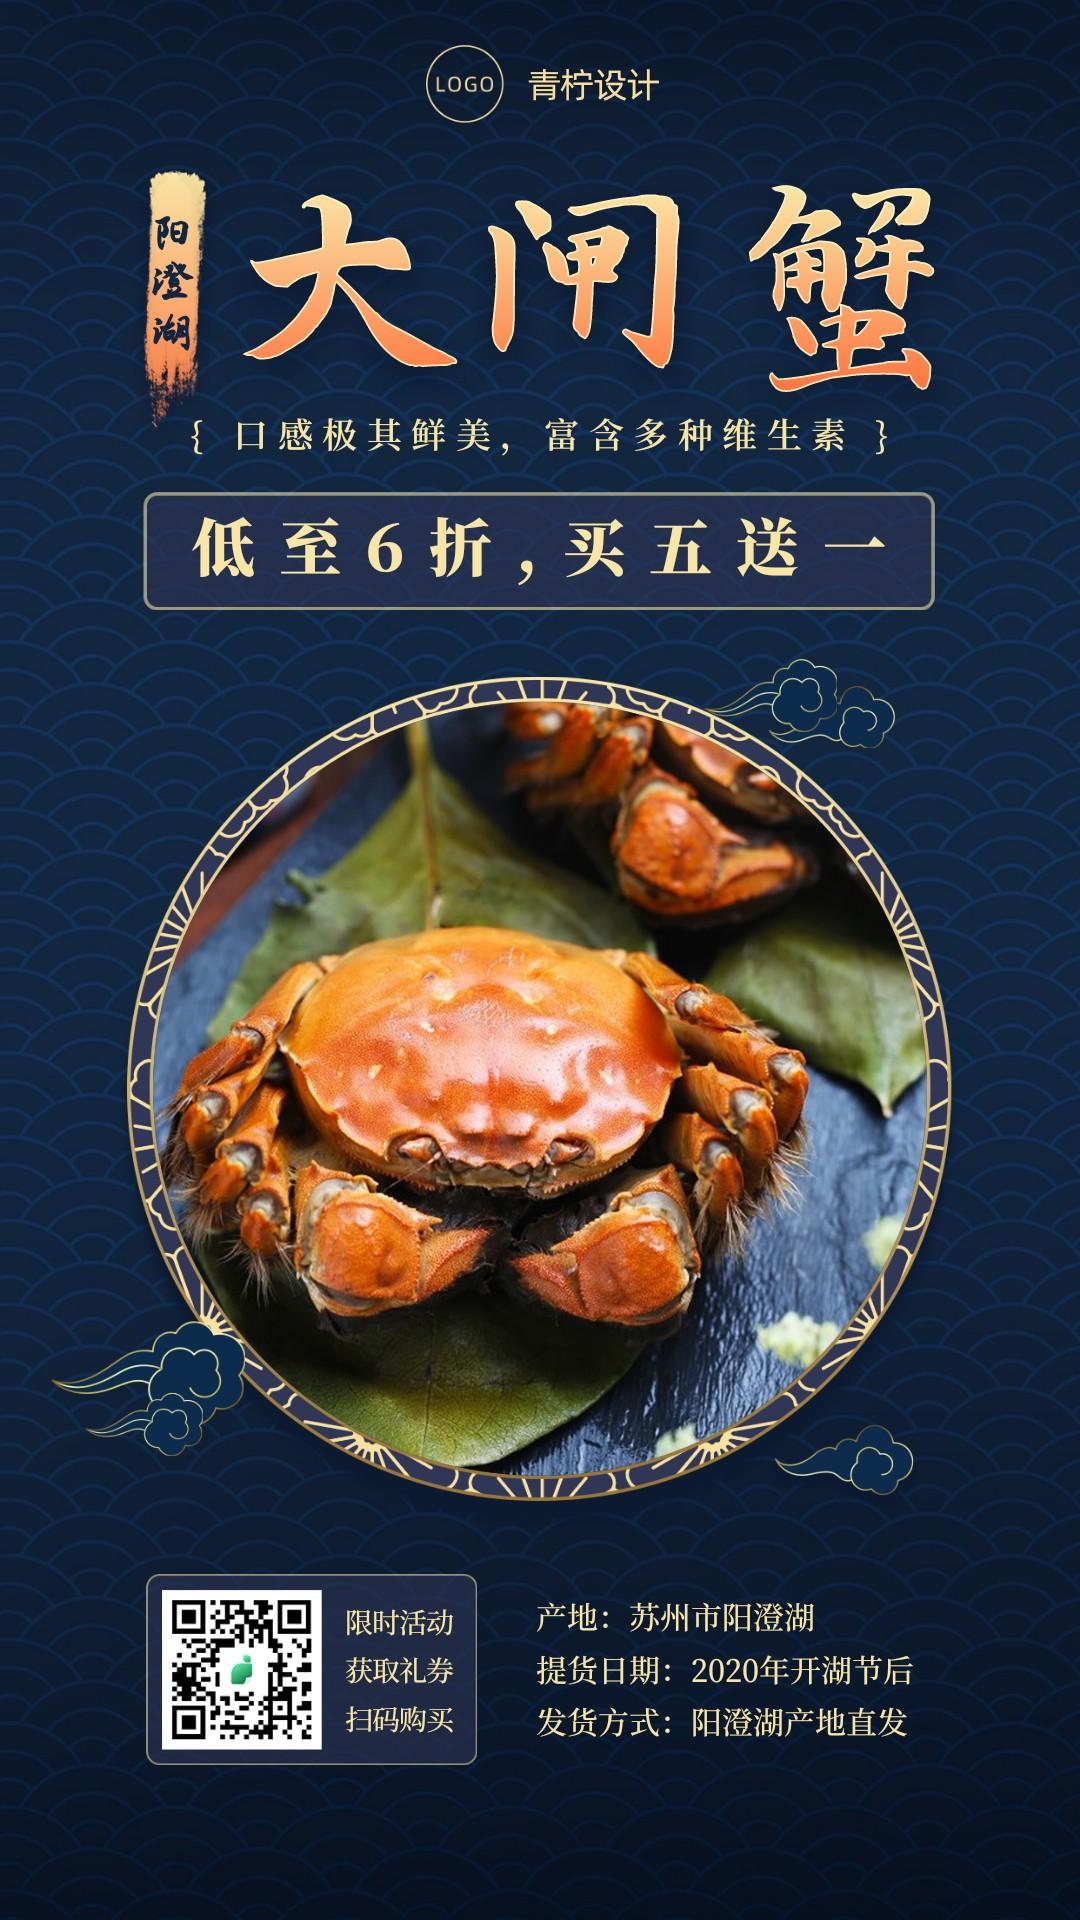 简约餐饮美食大闸蟹手机海报